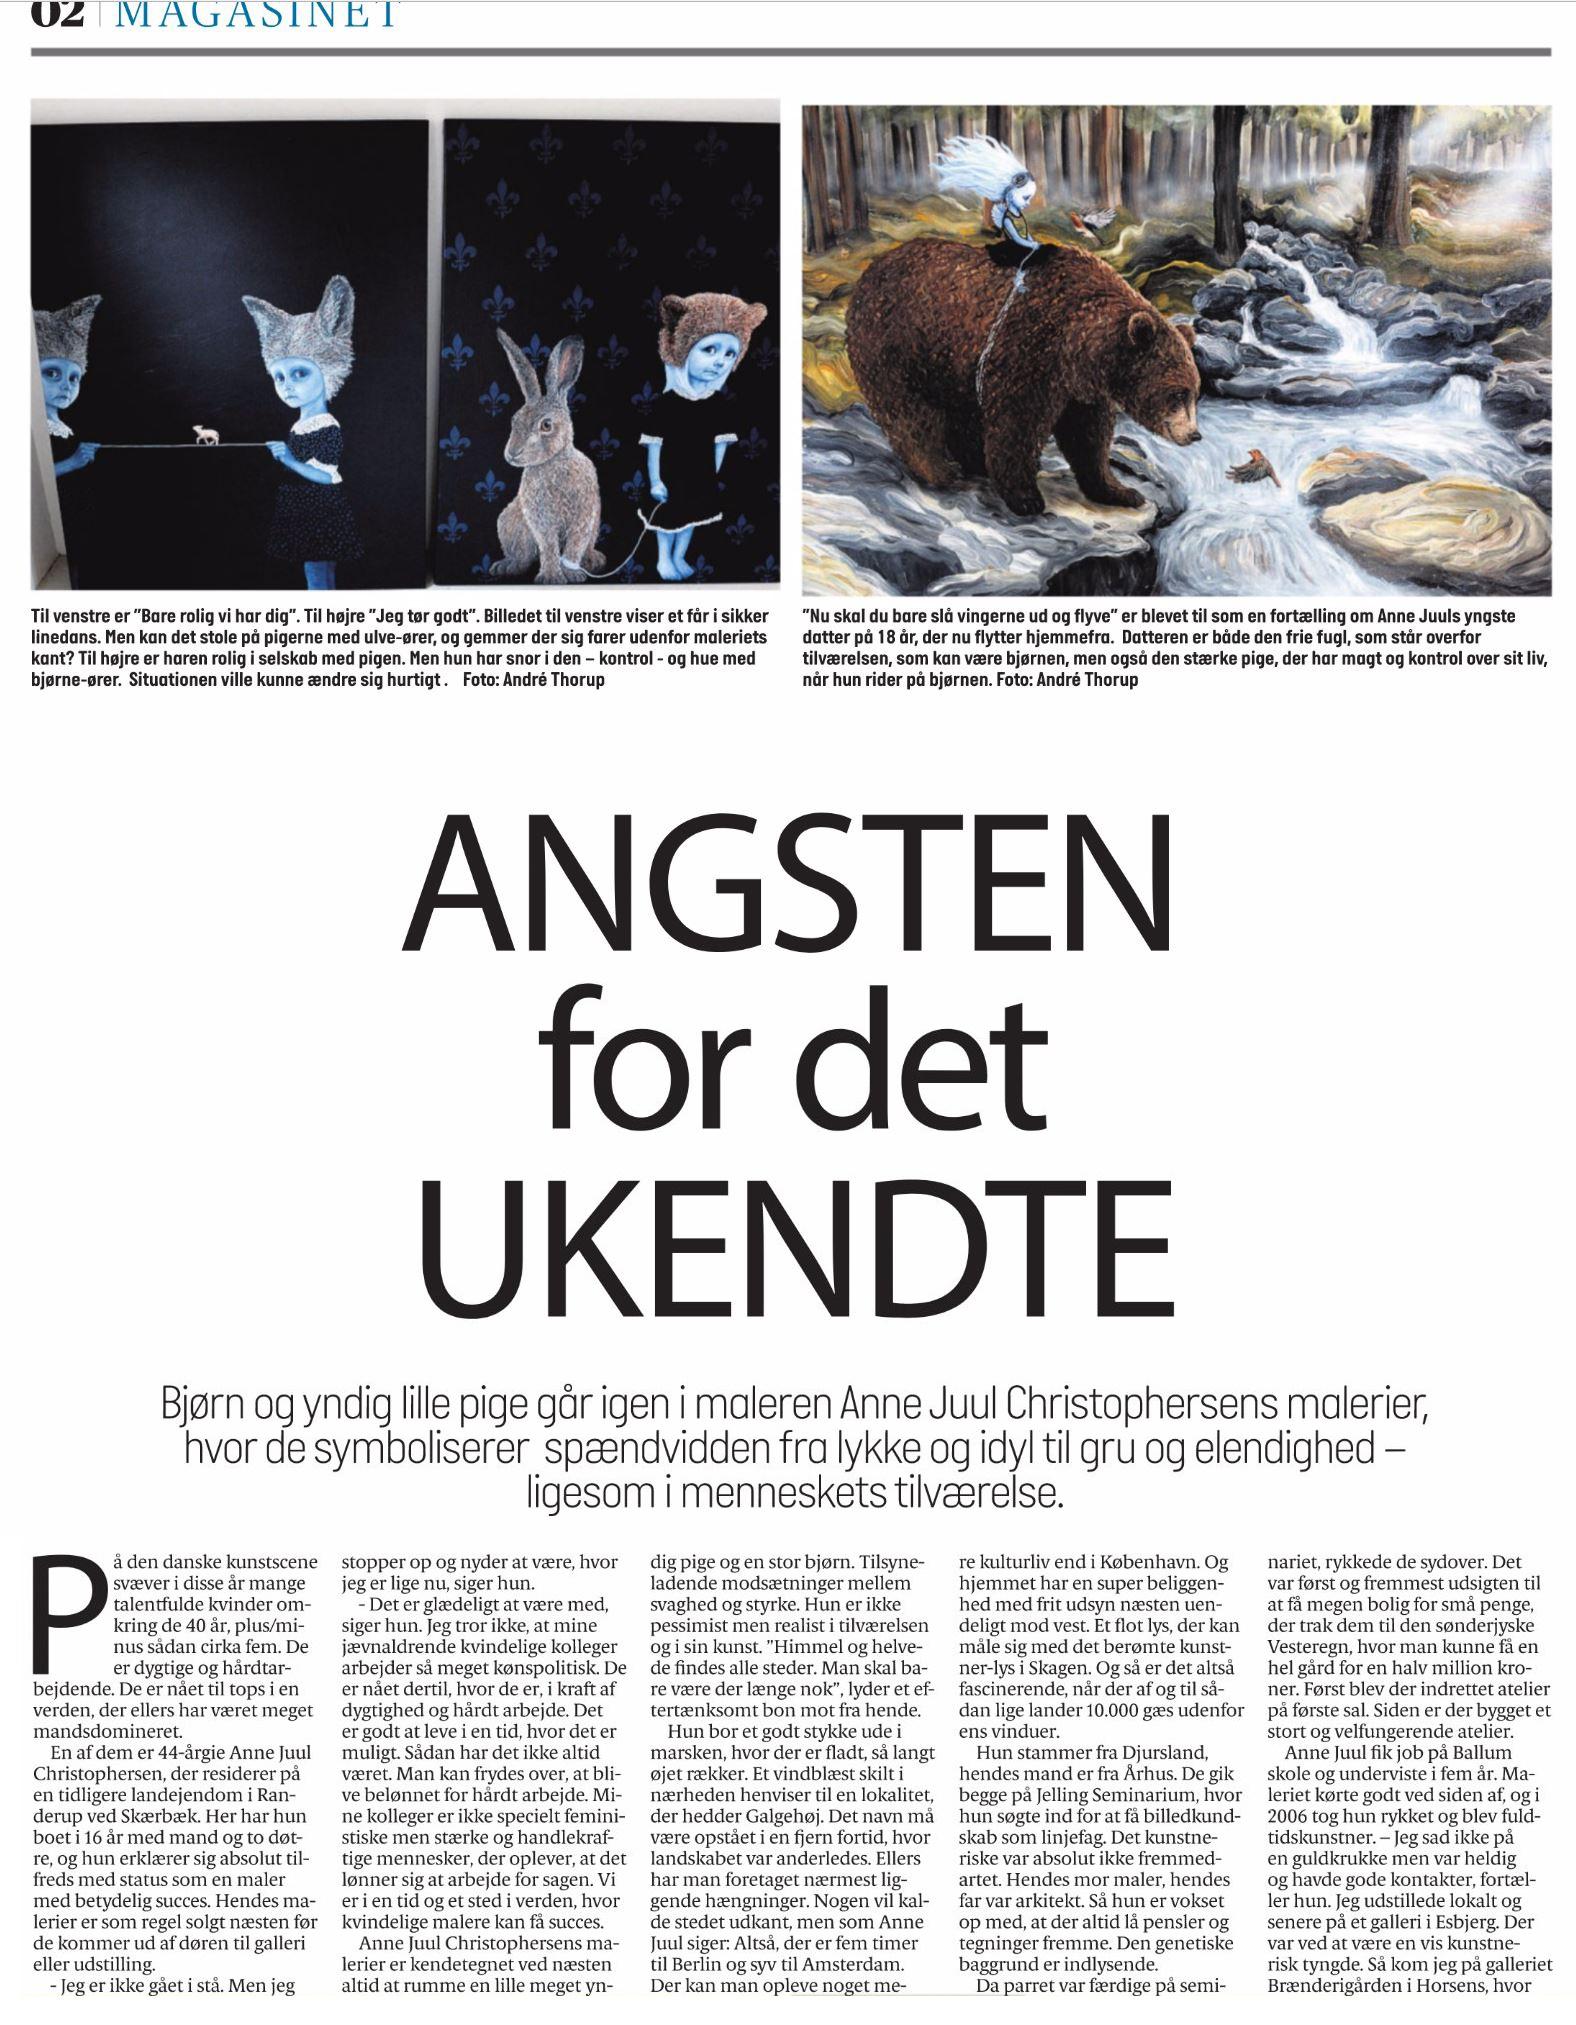 Angsten for det ukendte - Søndagsmagasinet Jydske Vestkysten den 21. maj 2017